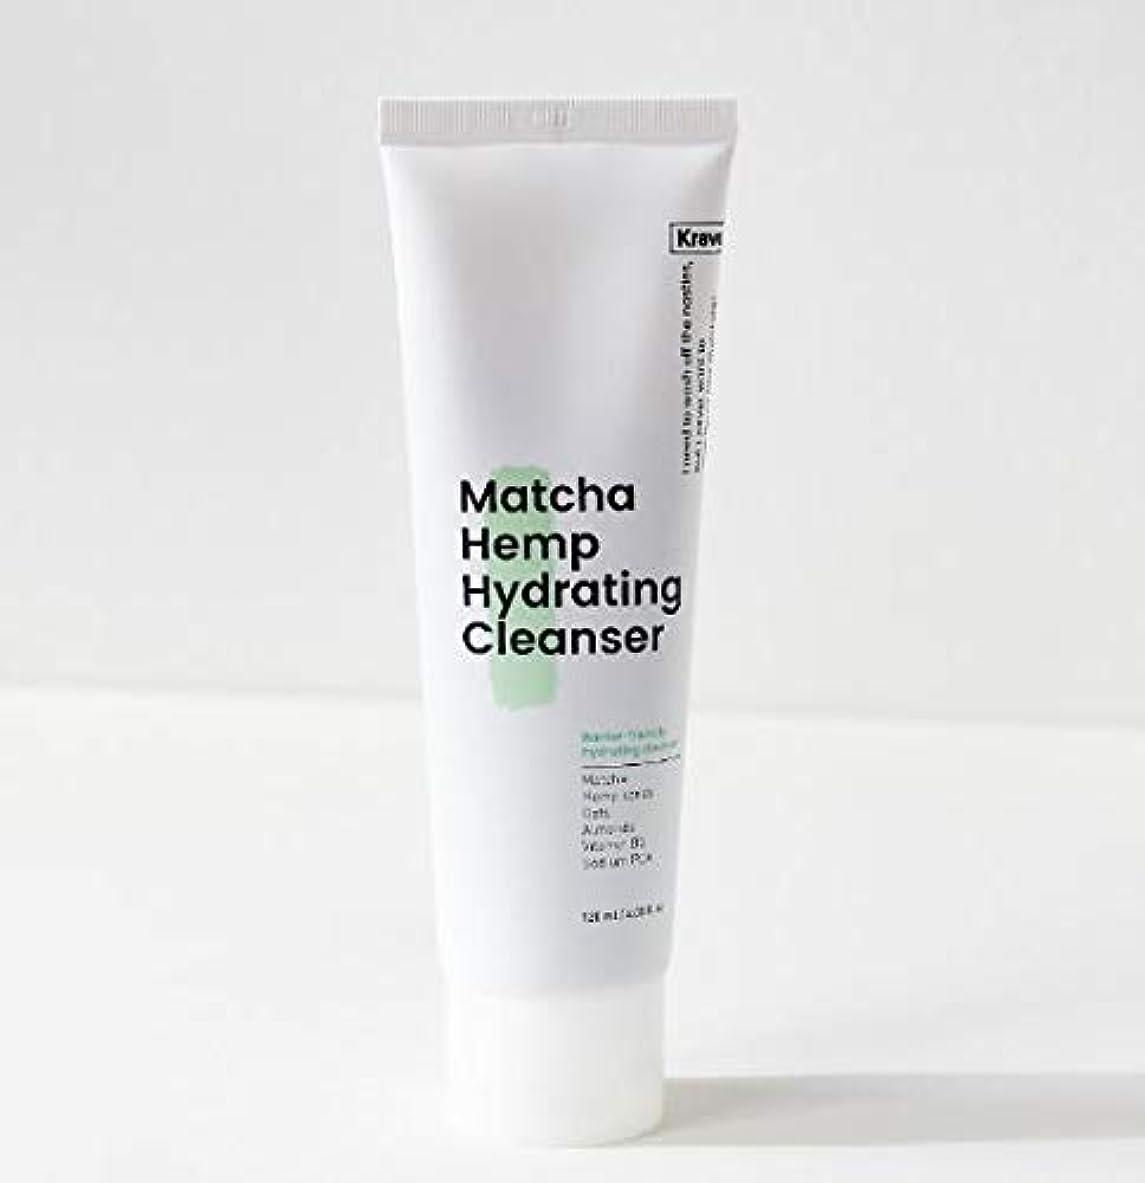 事故刈る繰り返す[Krave] Matcha Hemp Hydrating Cleanser 120ml / 抹茶ハイドレイティングクレンザー120ml [並行輸入品]